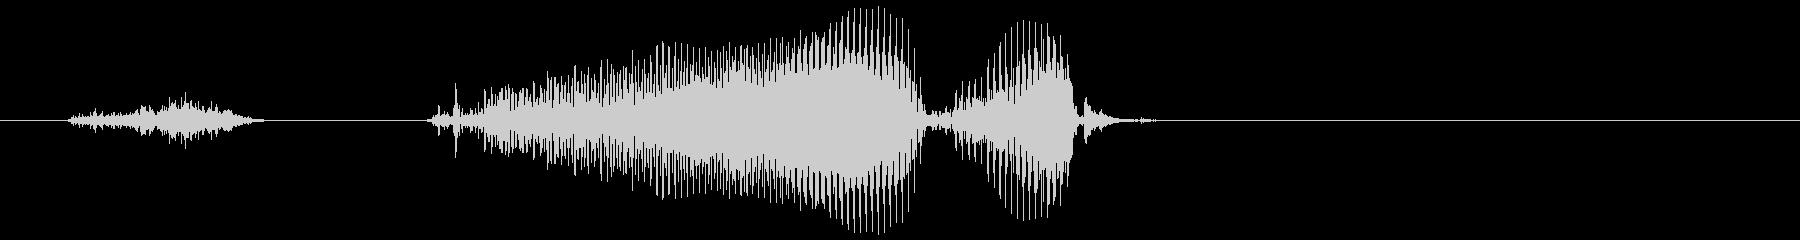 聞こえるの未再生の波形